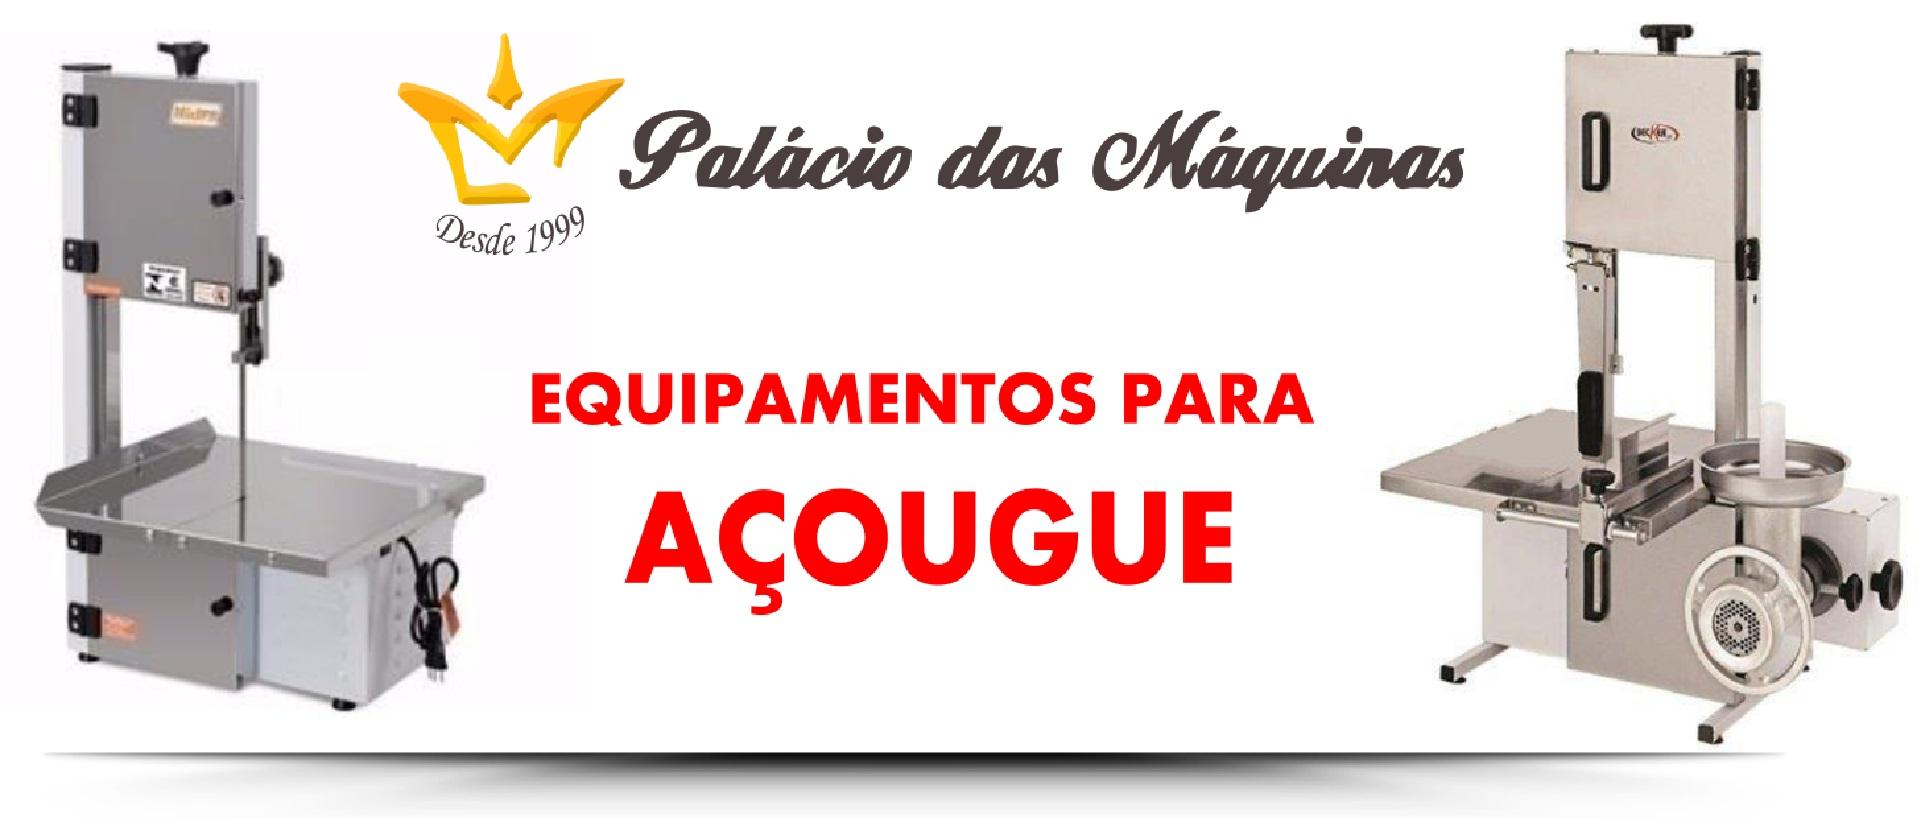 Palacio das Máquinas Equipamentos para Estabelecimento Comercial Açougue